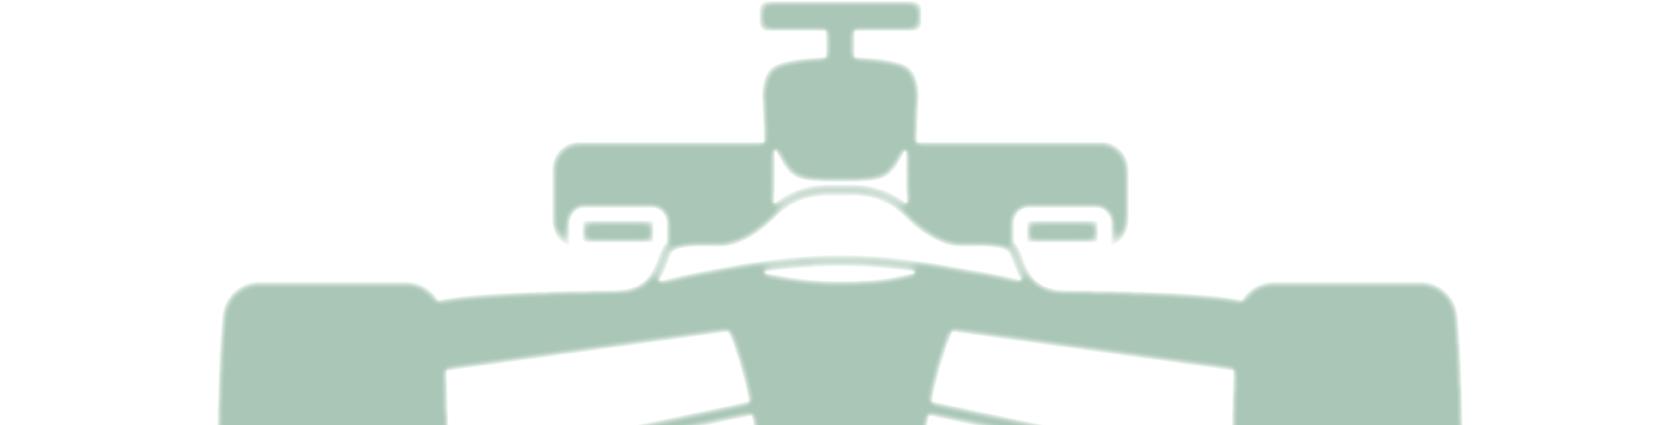 Grafik Formel 1 Auto Gewinnspiel Oesterreichprogramm